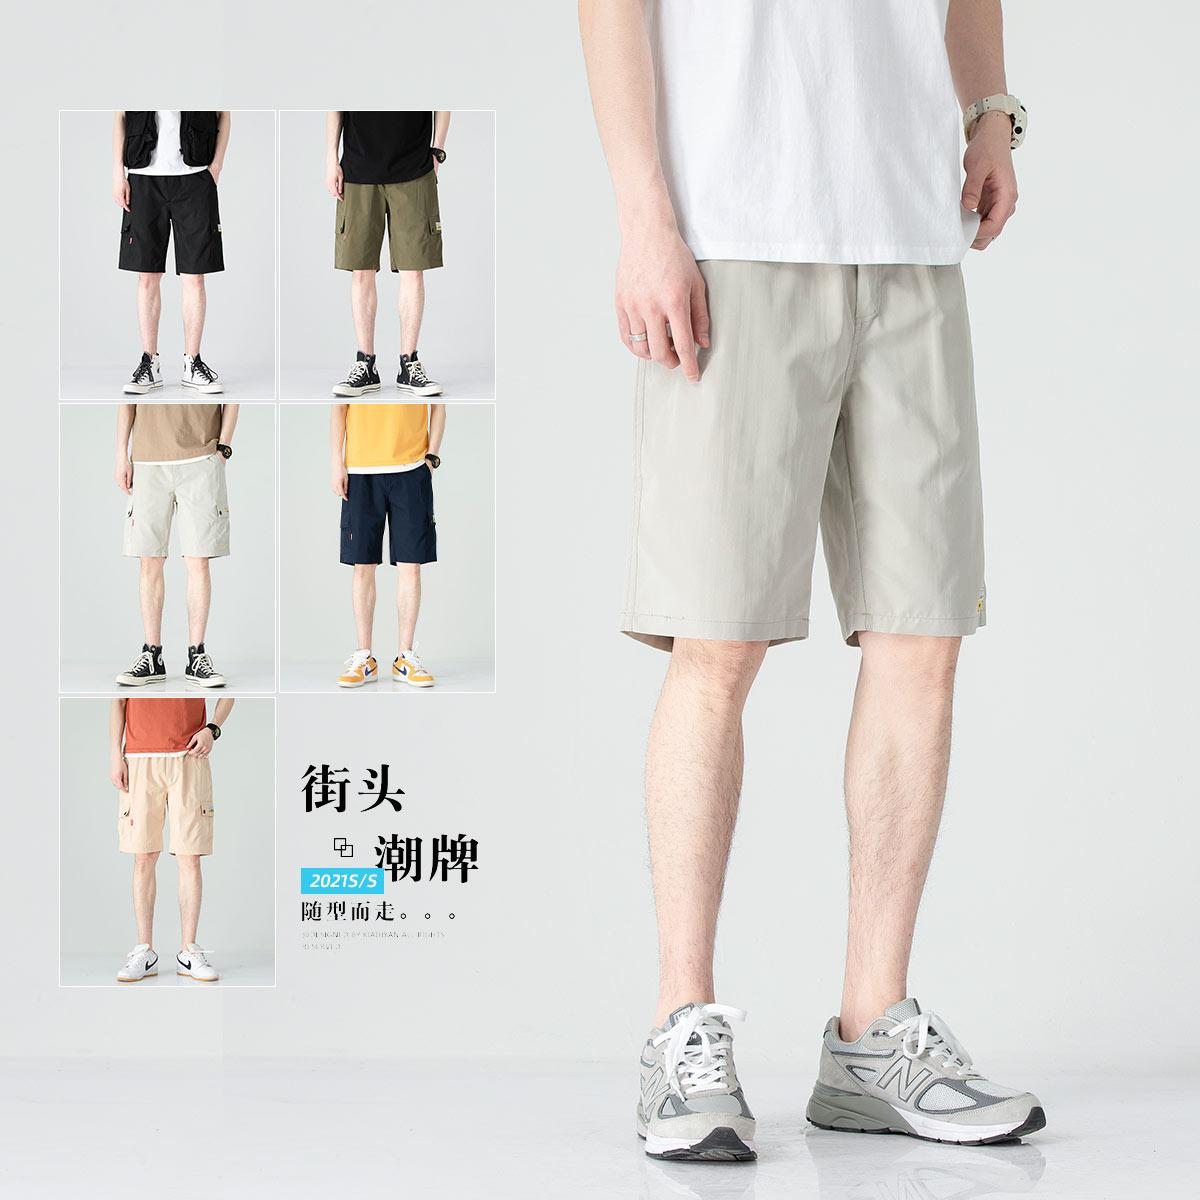 短裤男士2021新款夏季薄款五分裤休闲韩版潮流宽松运动沙滩裤